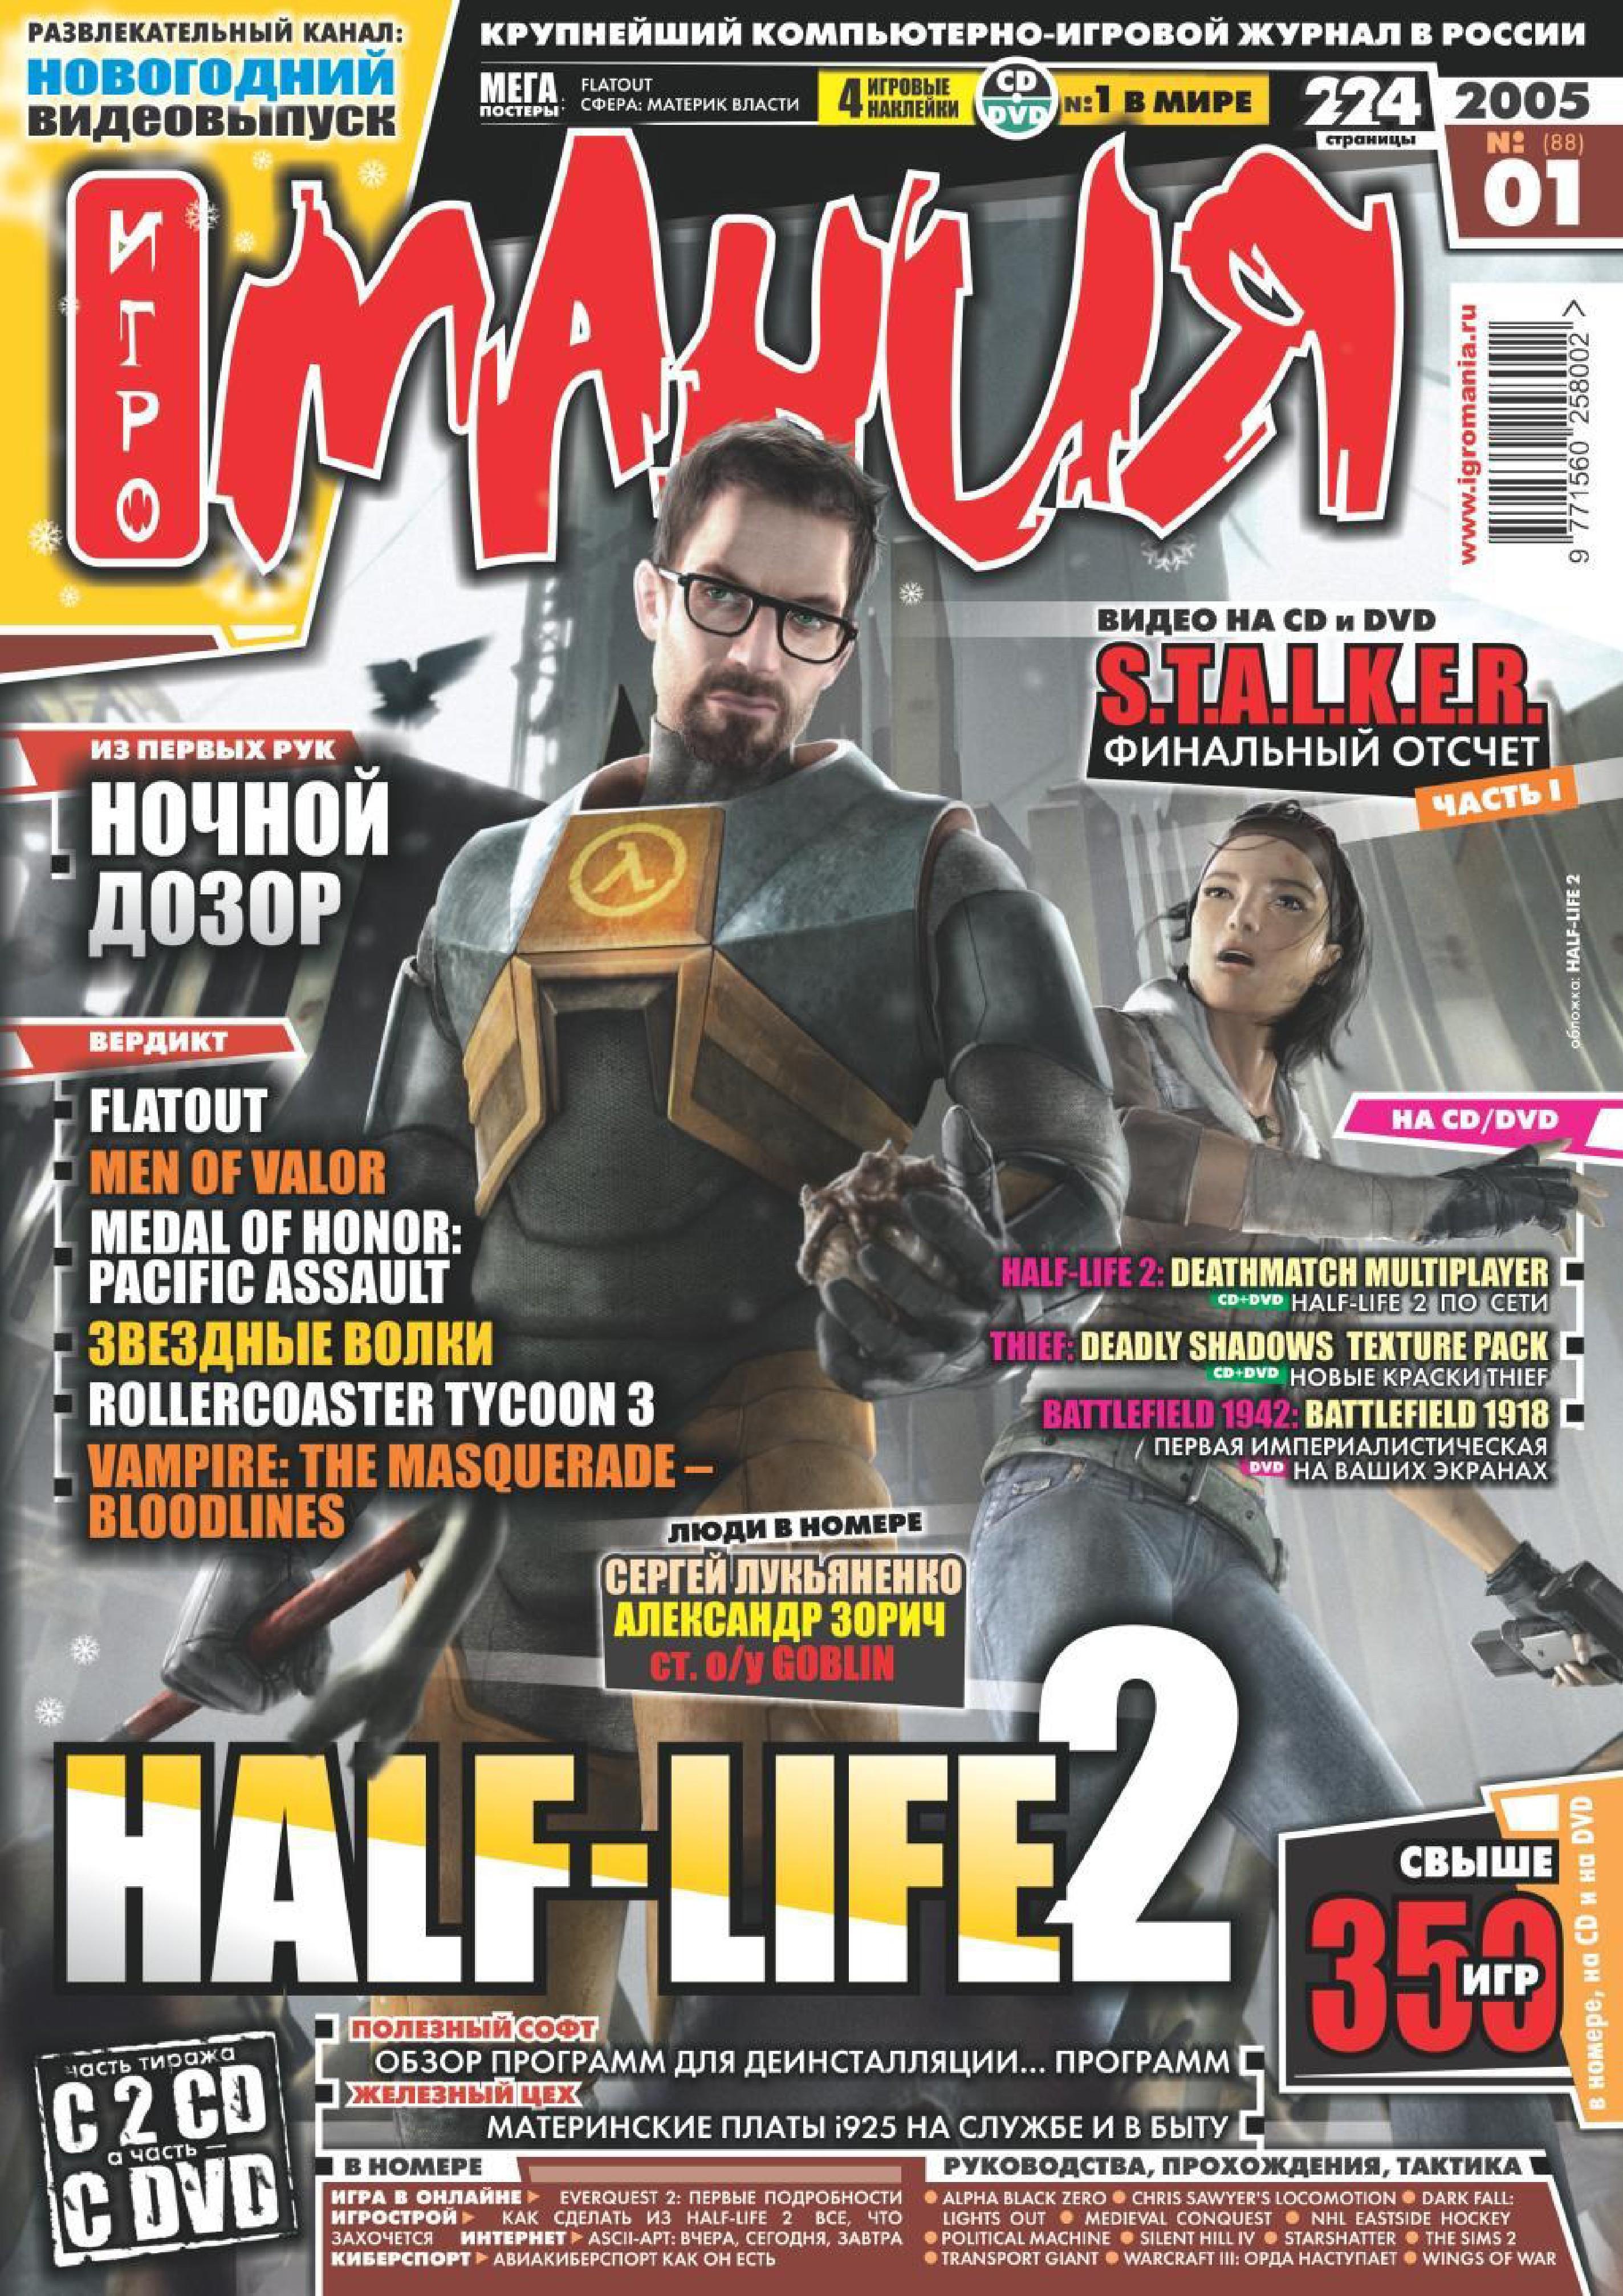 Журналы игромания 2005 king lear фильм с арнольдом шварценеггером